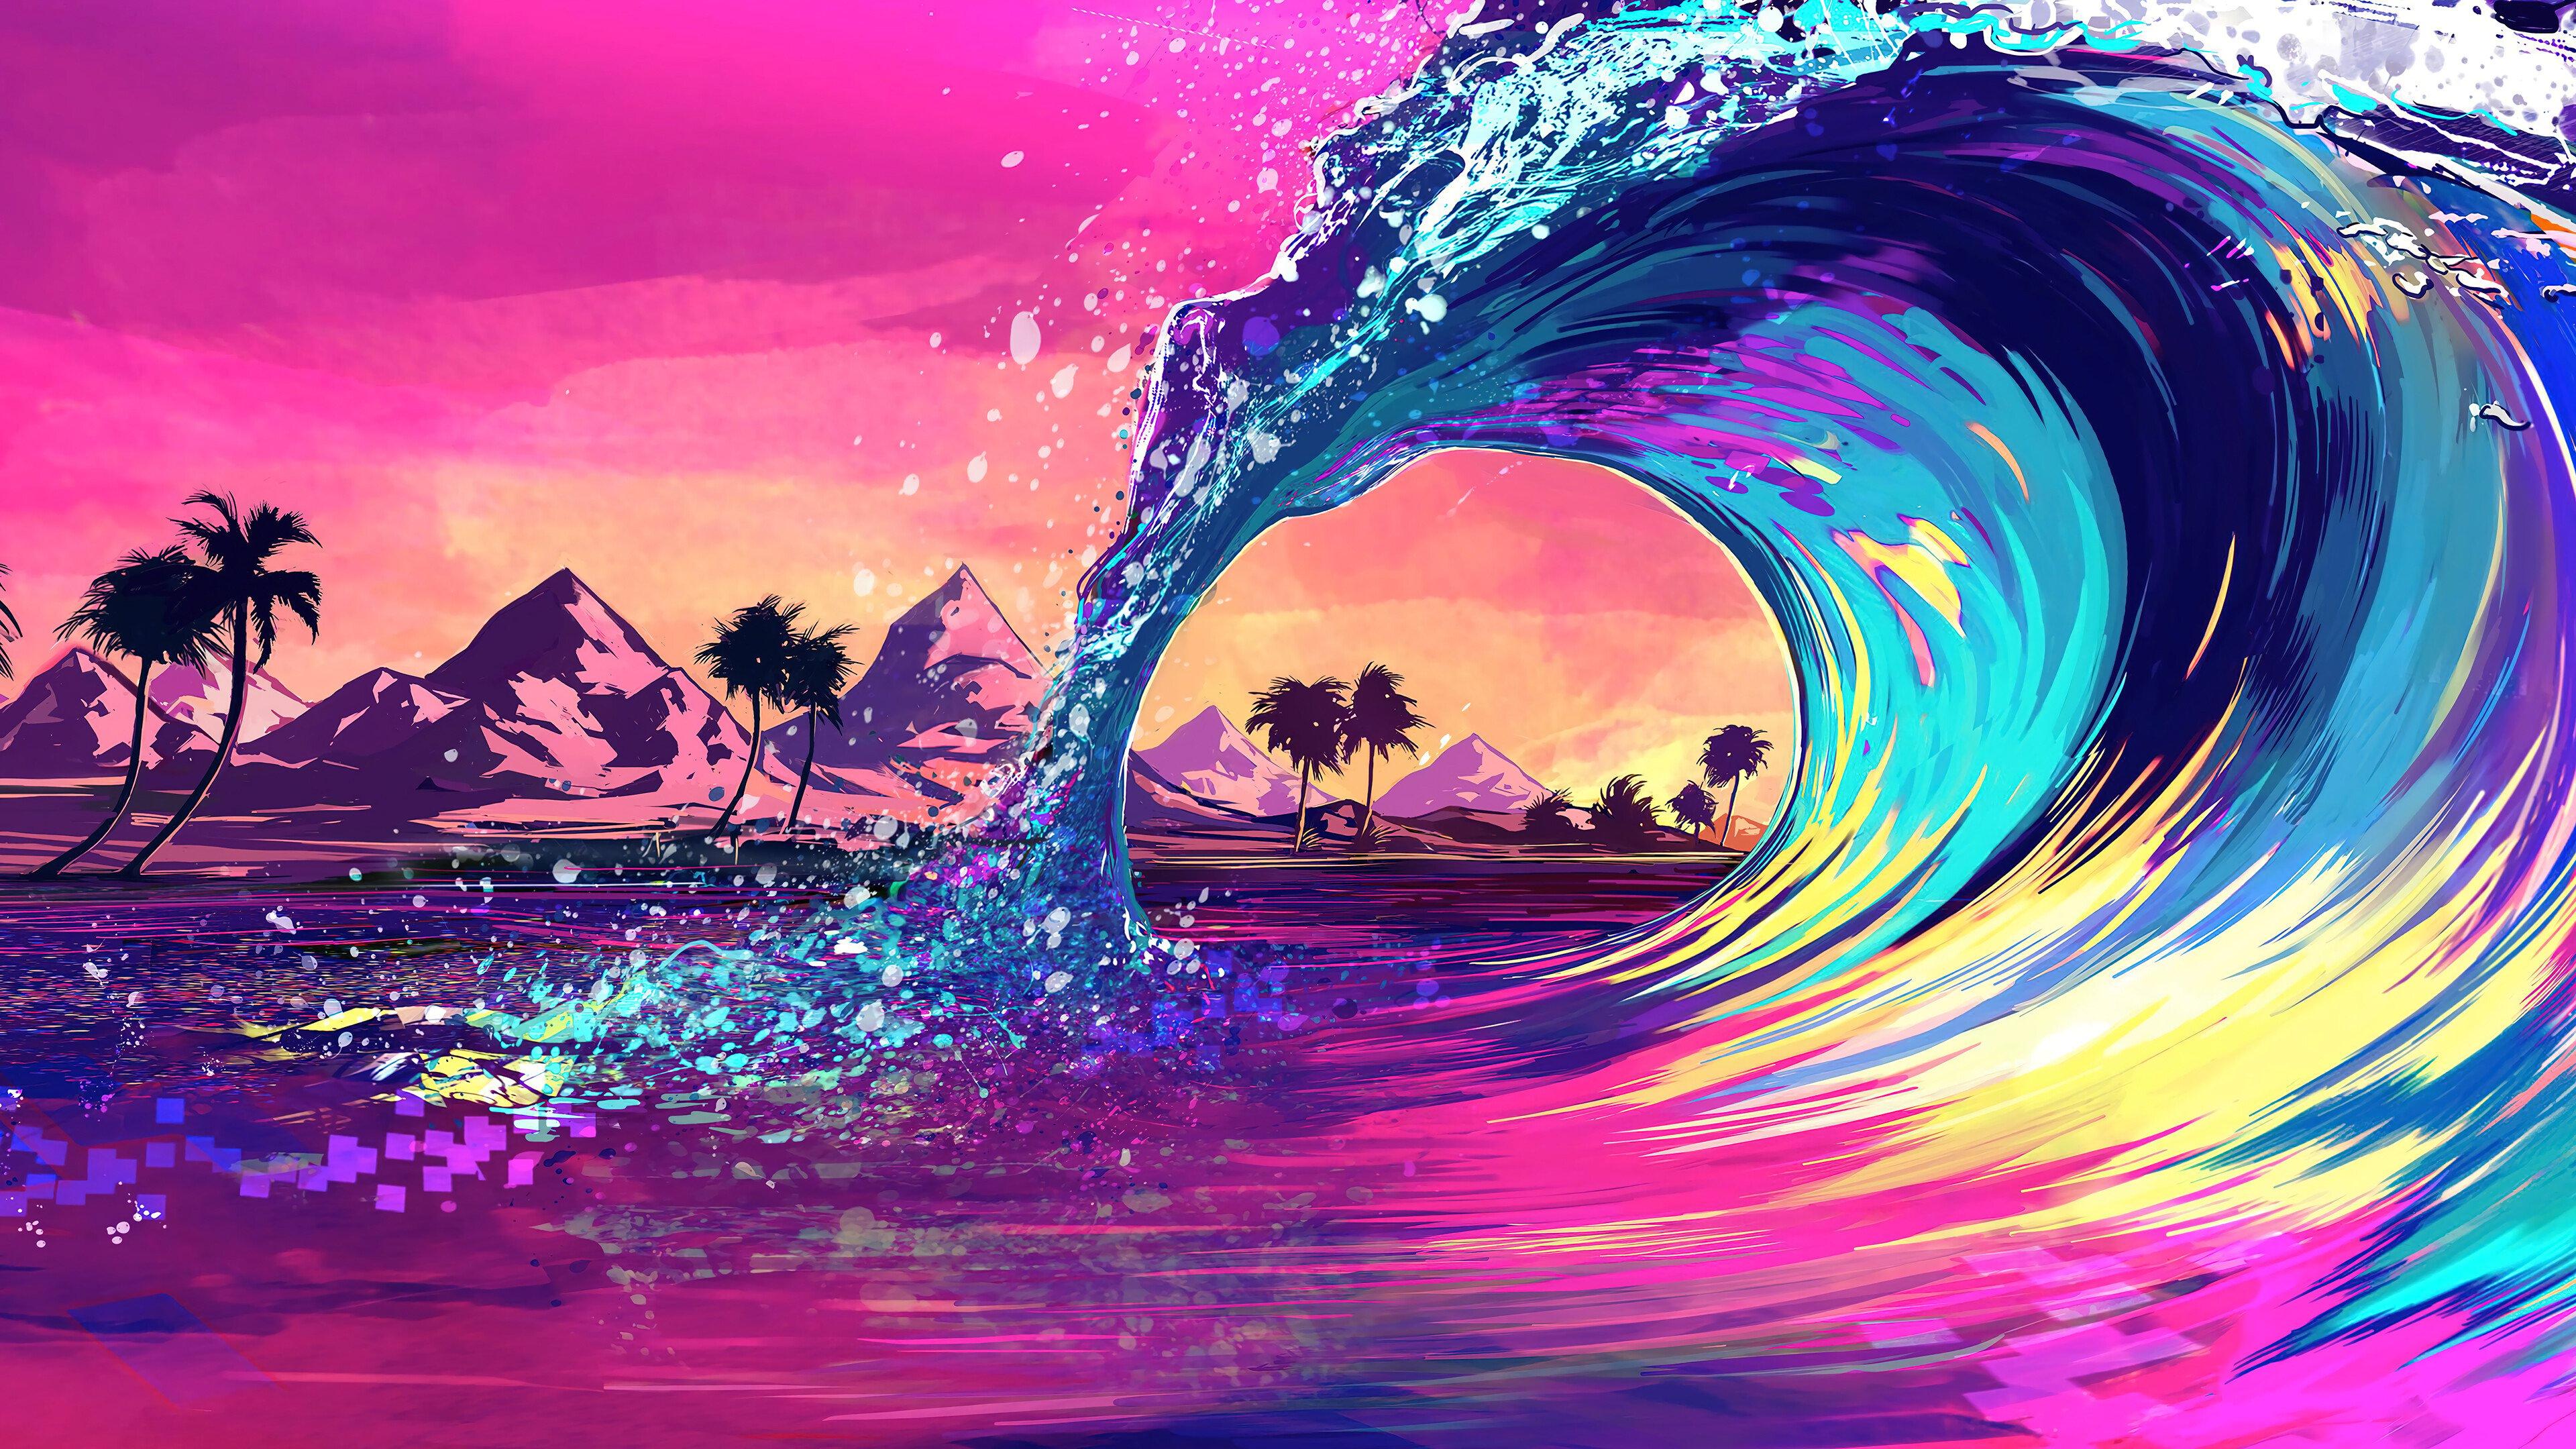 Fondos de pantalla Ola de colores